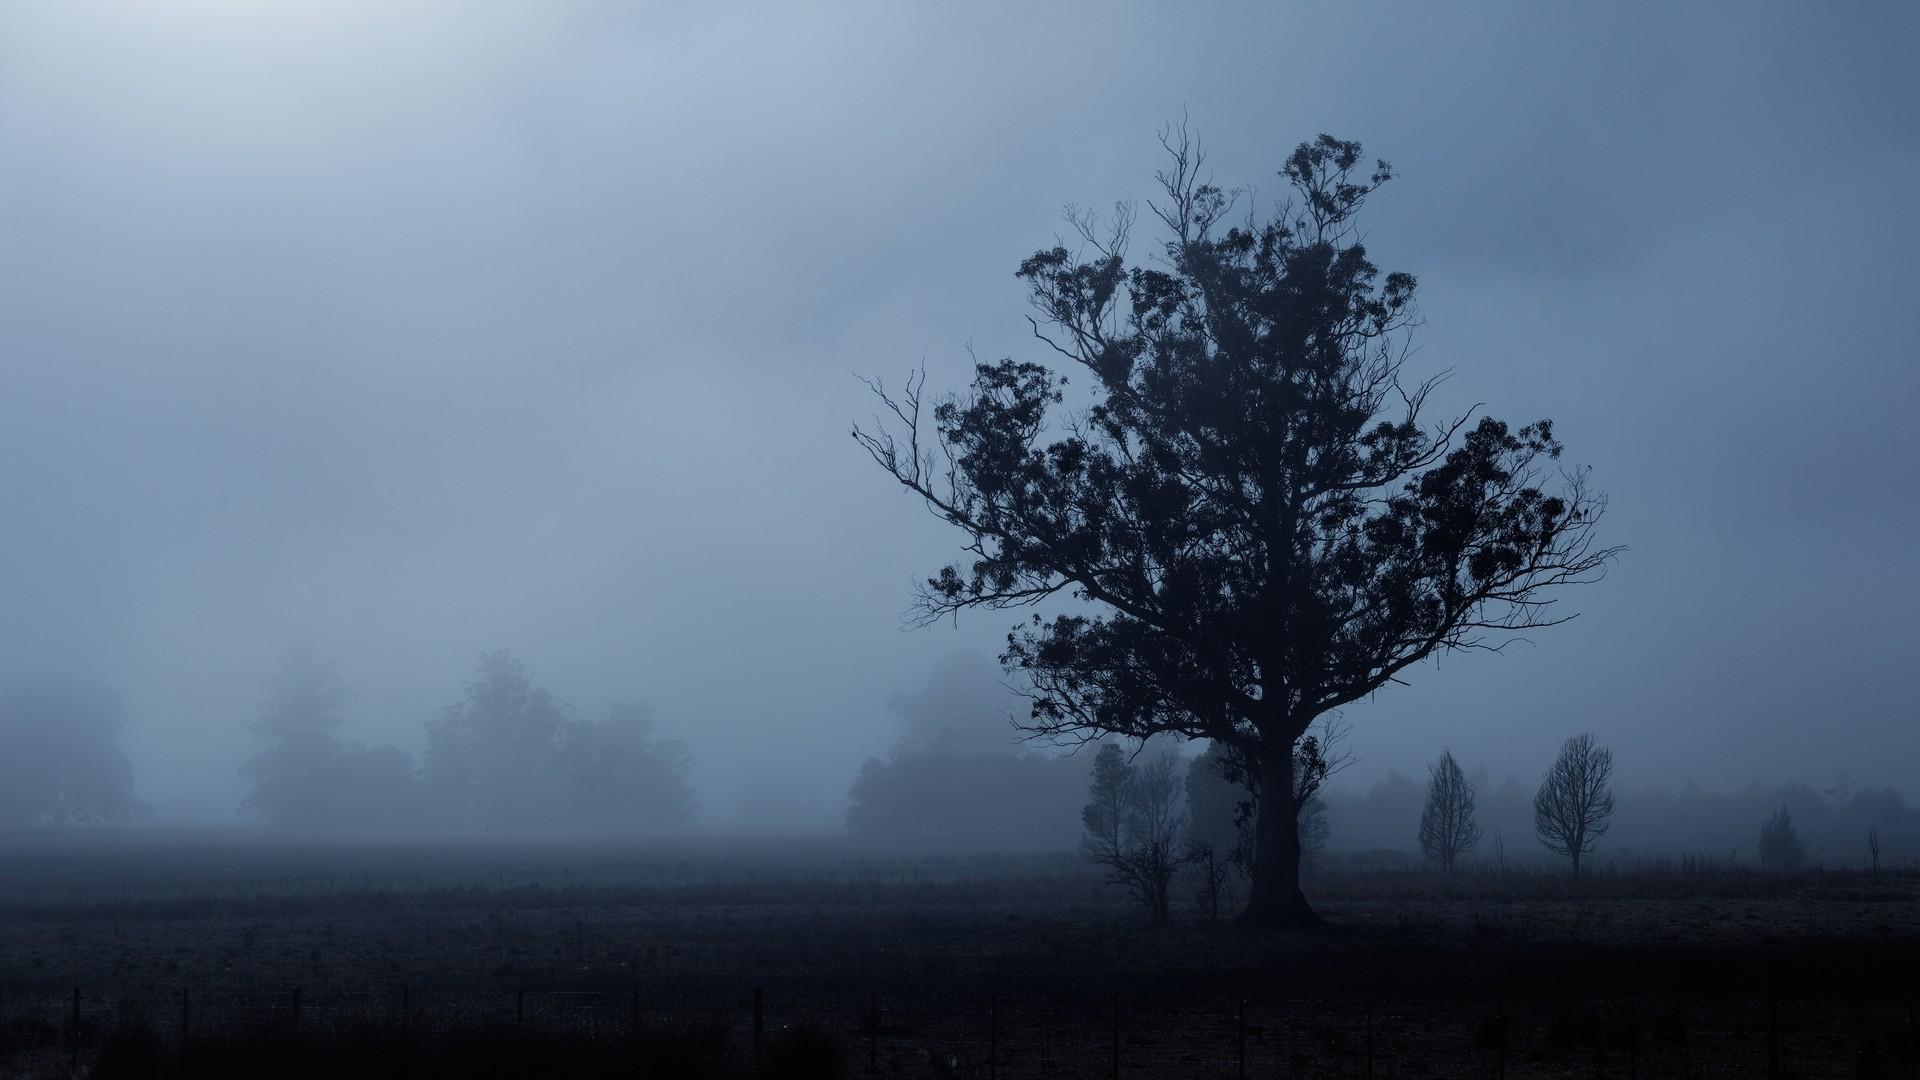 Gloomy Image